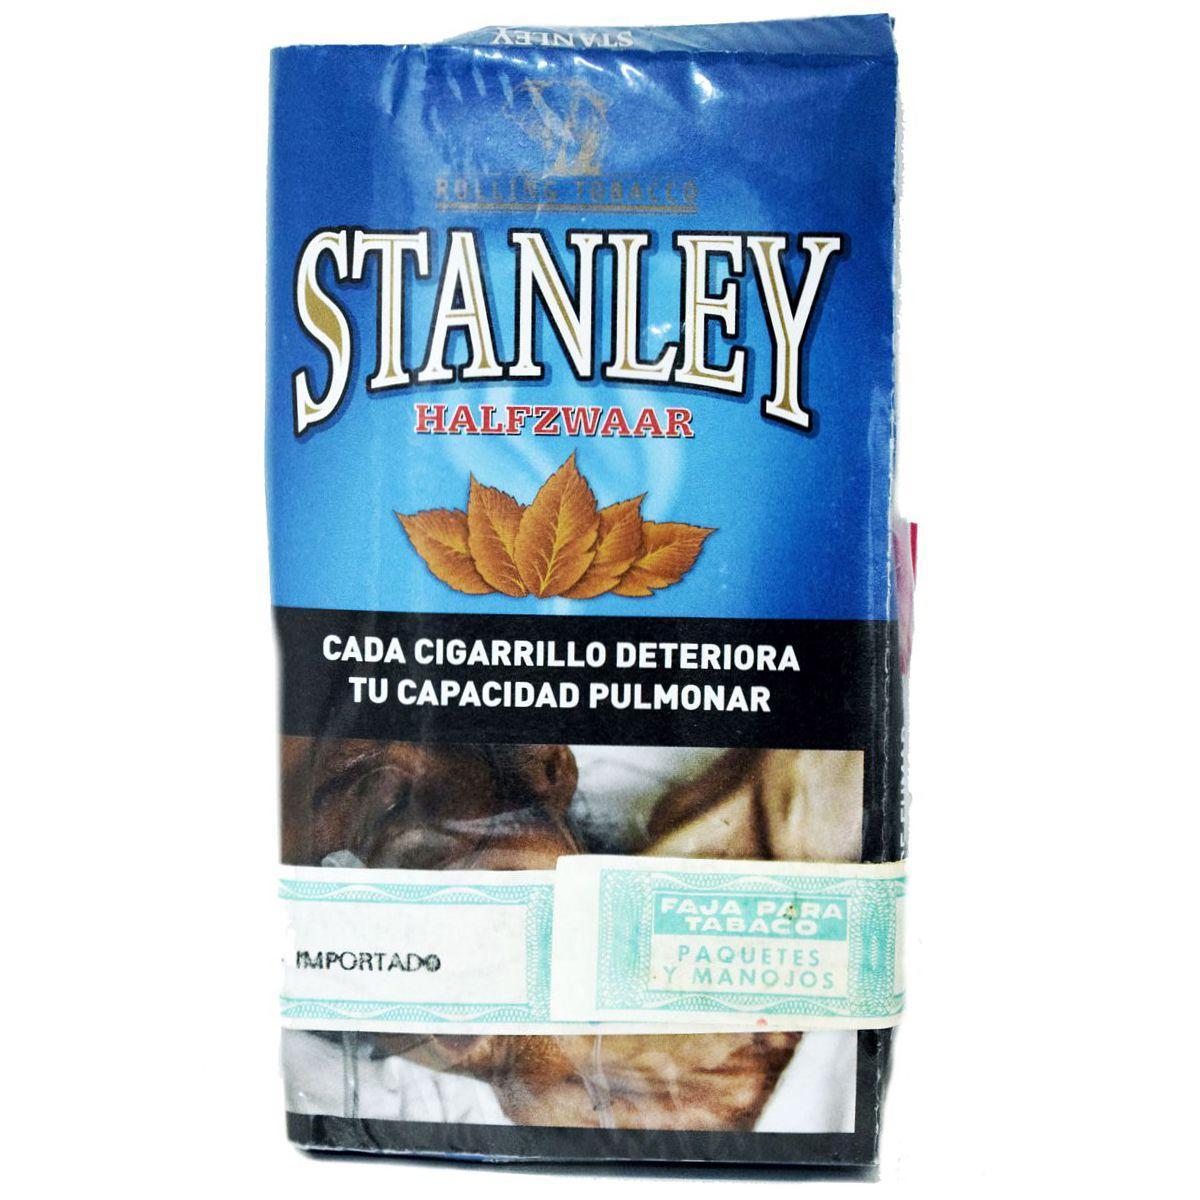 tabaco stanley halfzwaar precio